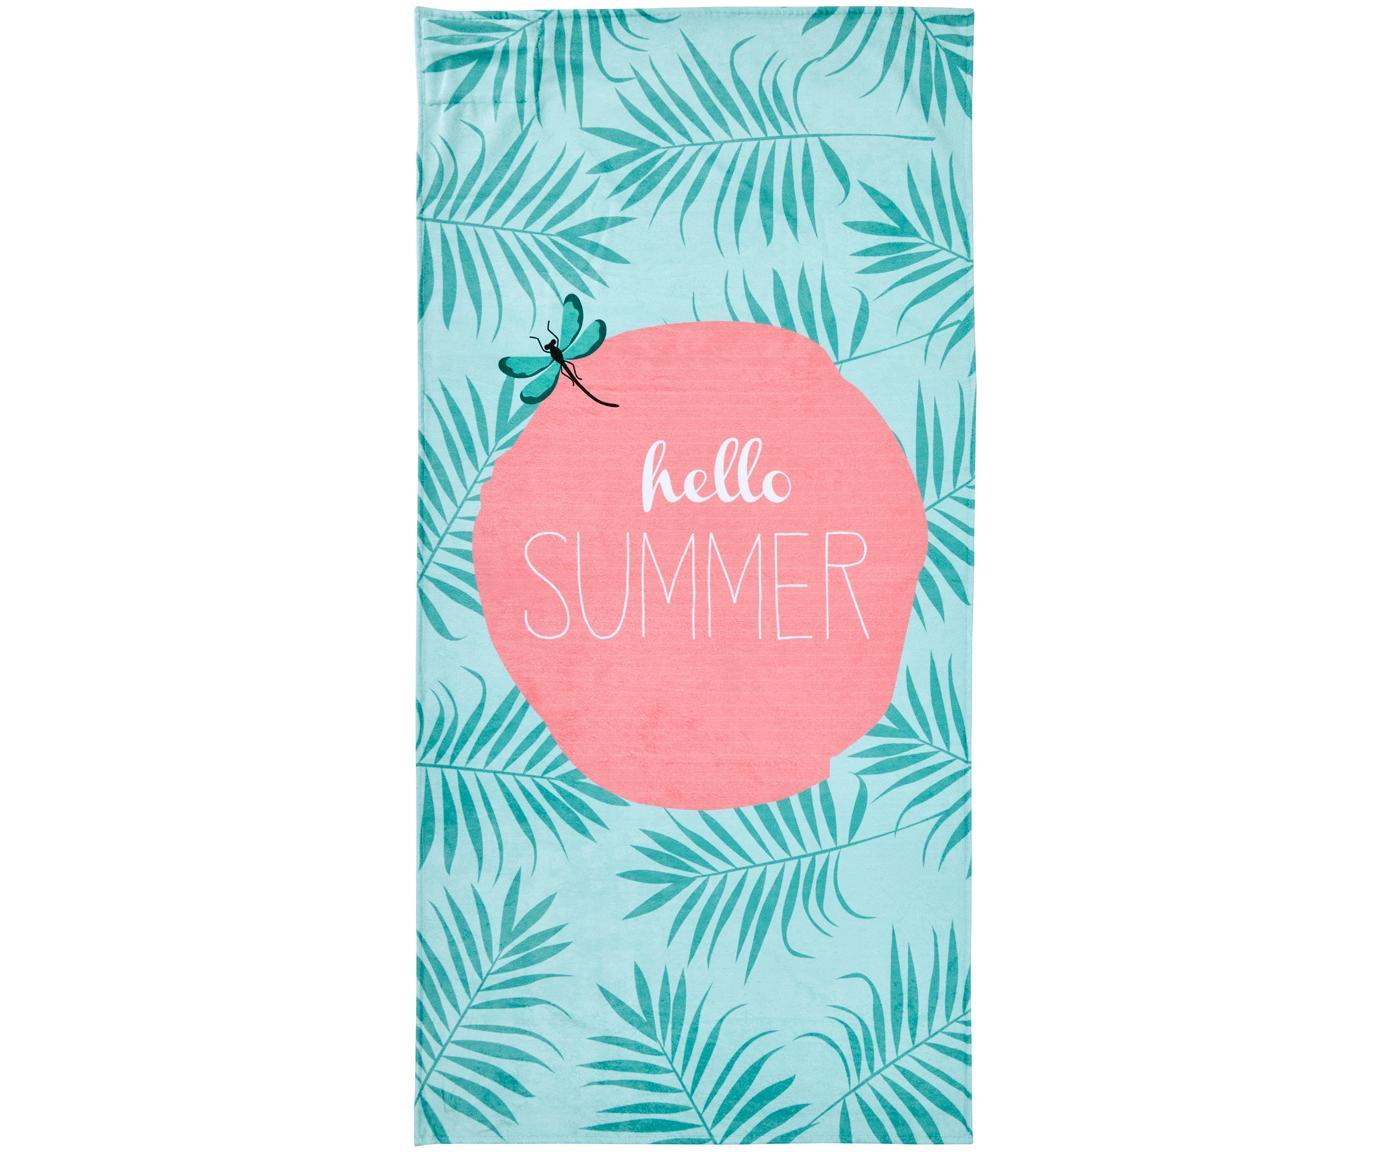 Strandlaken Case Hello Summer, Onderzijde: badstof, Mintgroen, roze, wit, 90 x 180 cm